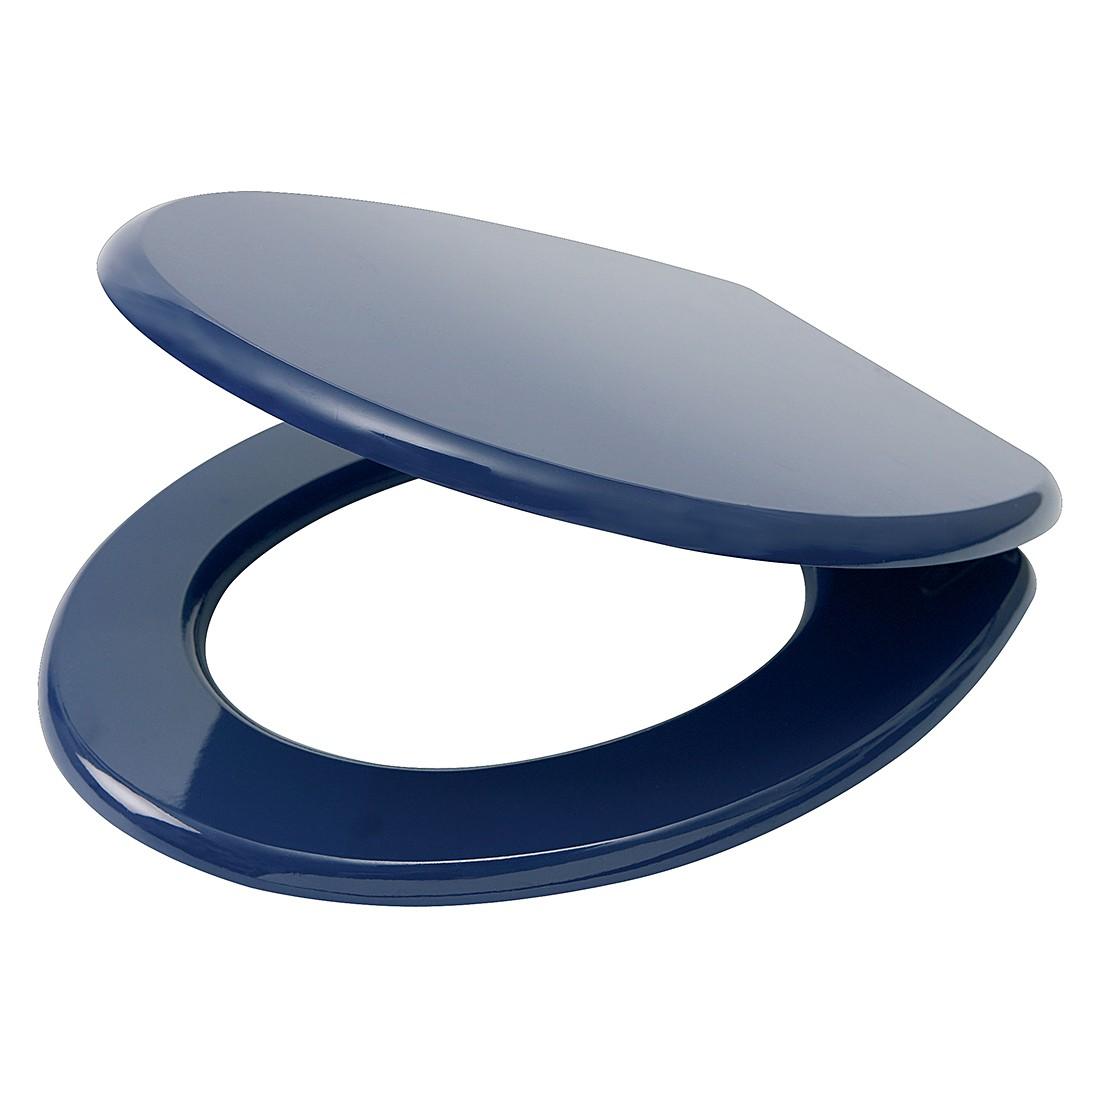 wc sitz scharnier sanwood preisvergleich die besten angebote online kaufen. Black Bedroom Furniture Sets. Home Design Ideas